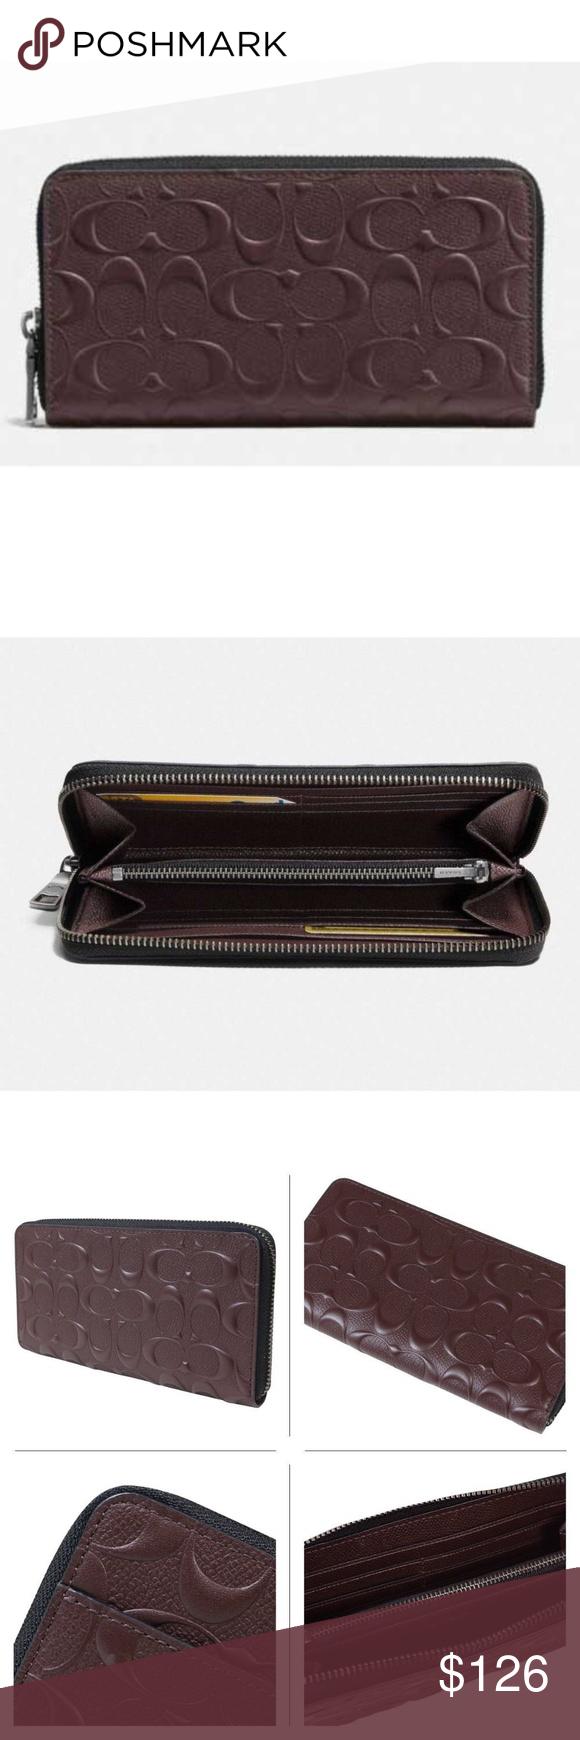 huge discount 790c0 56a1e Coach F58113 Men's Signature Accordion Wallet item ...